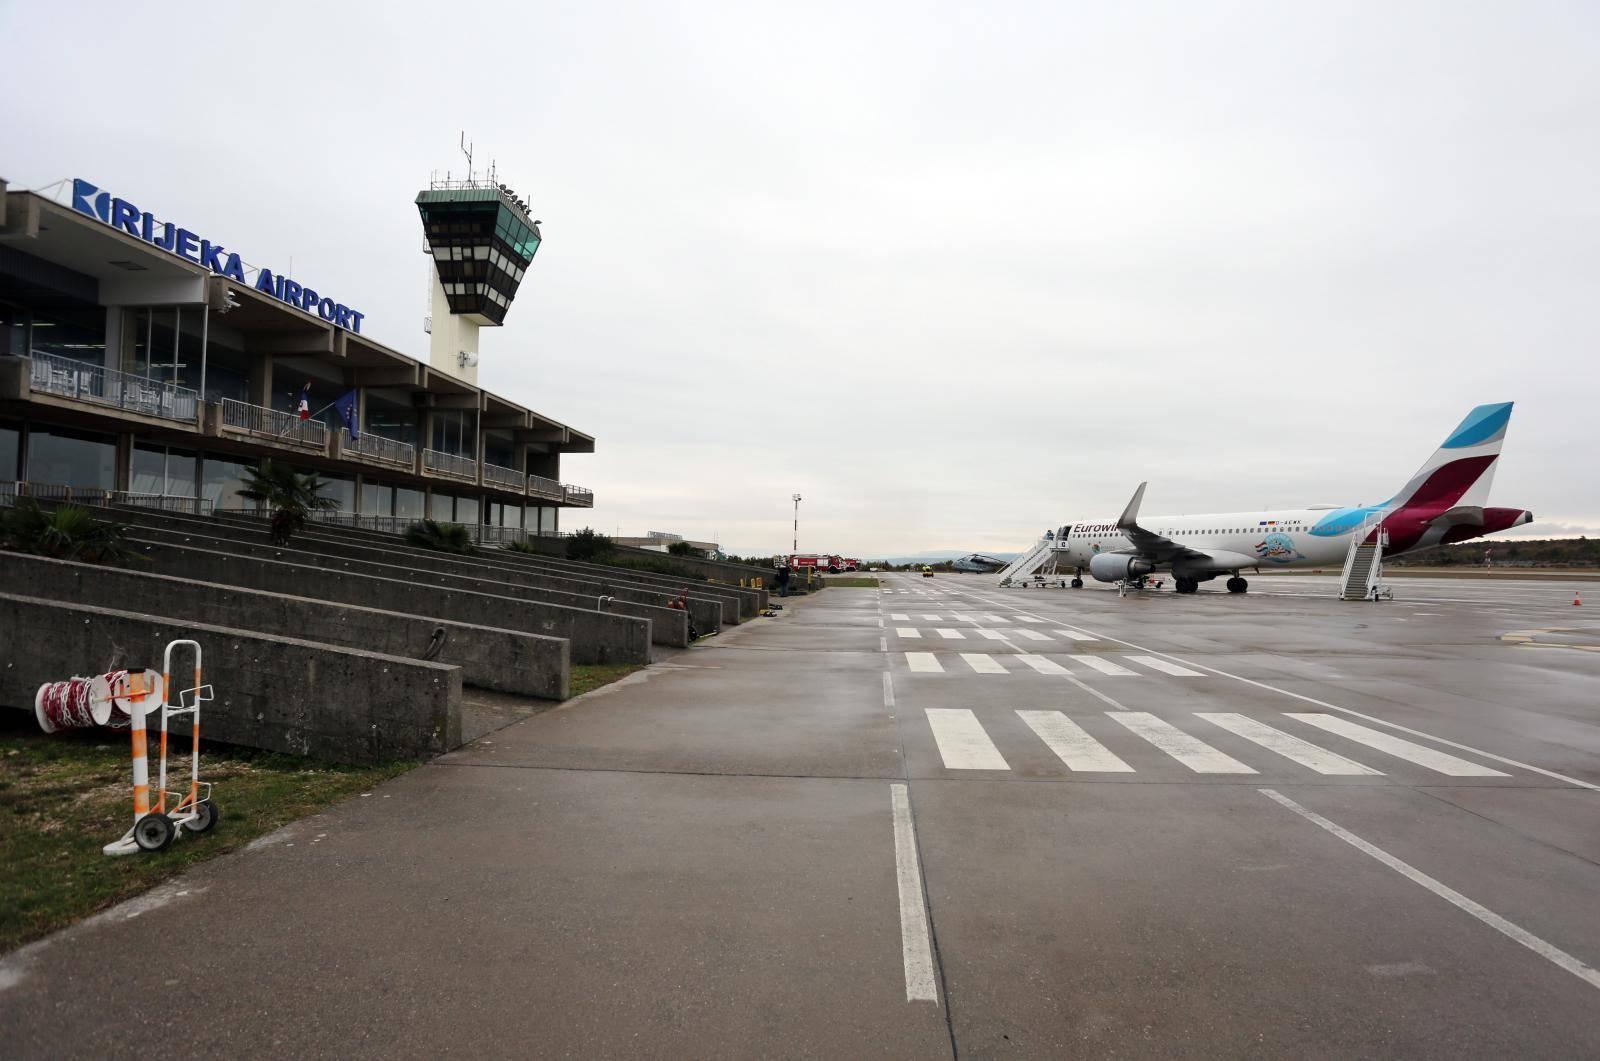 Direktor zračne luke zamijenio brave, kontrolori otišli iz luke